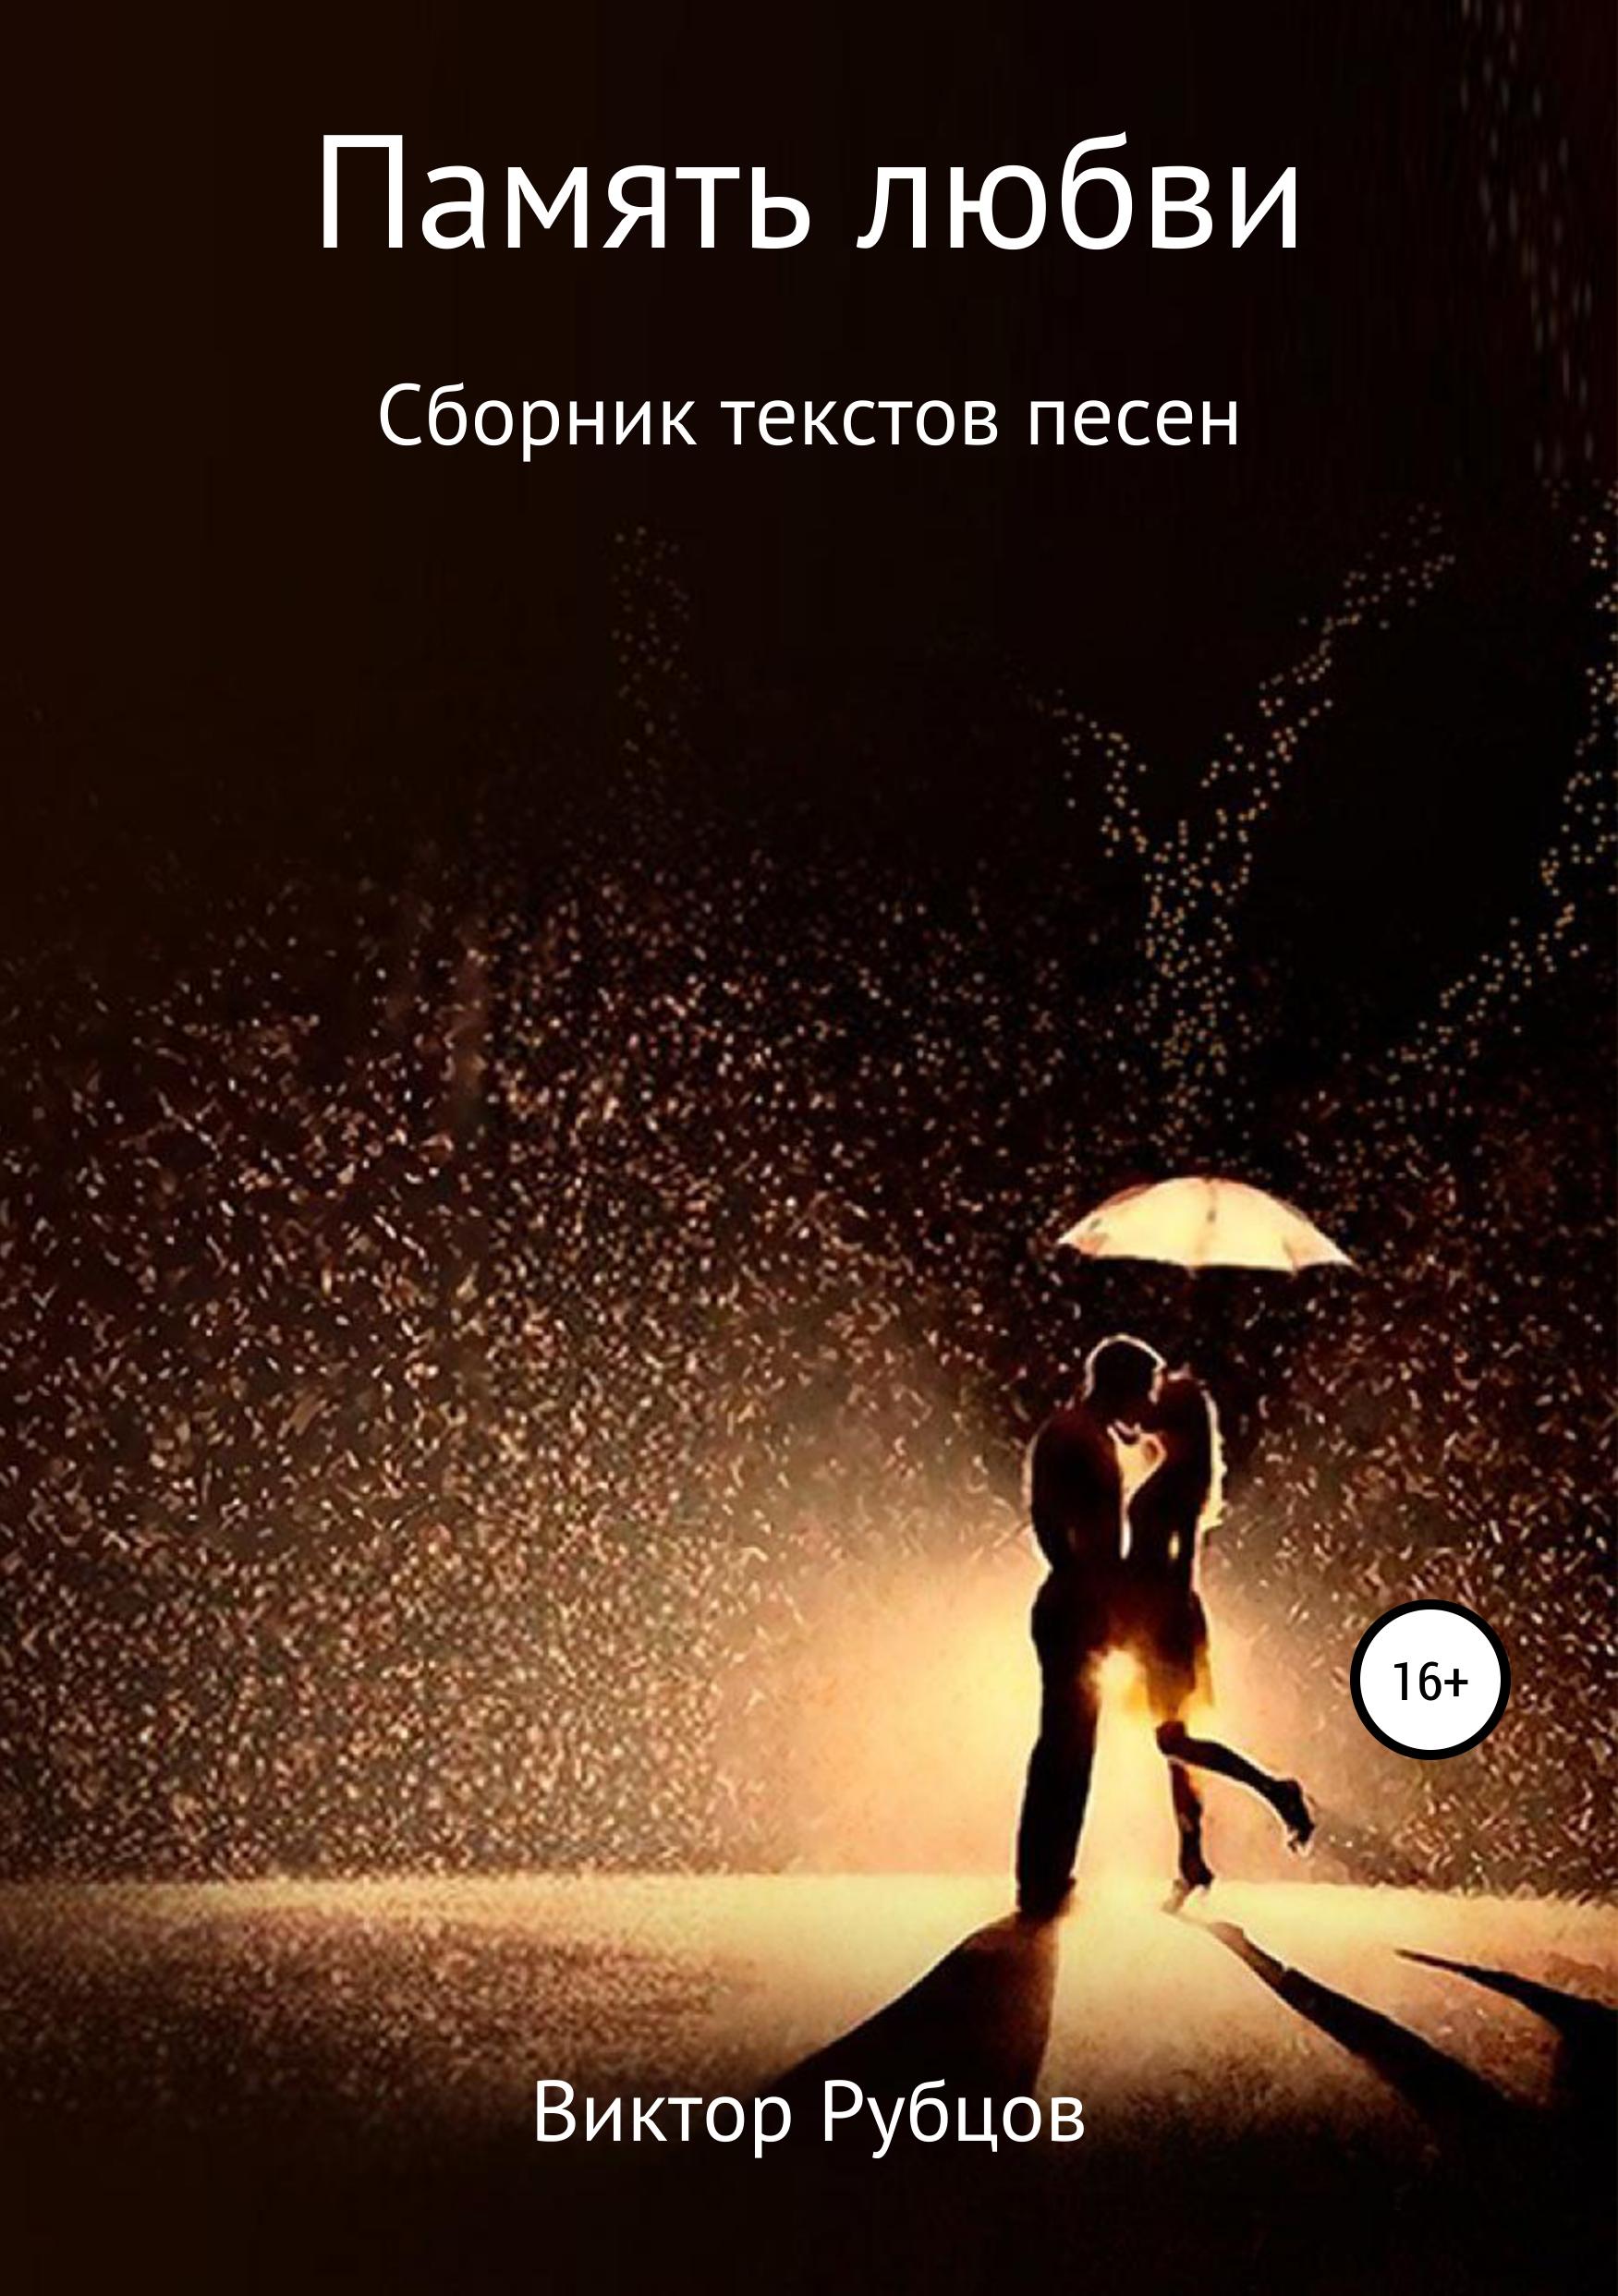 Память любви. Сборник текстов песен